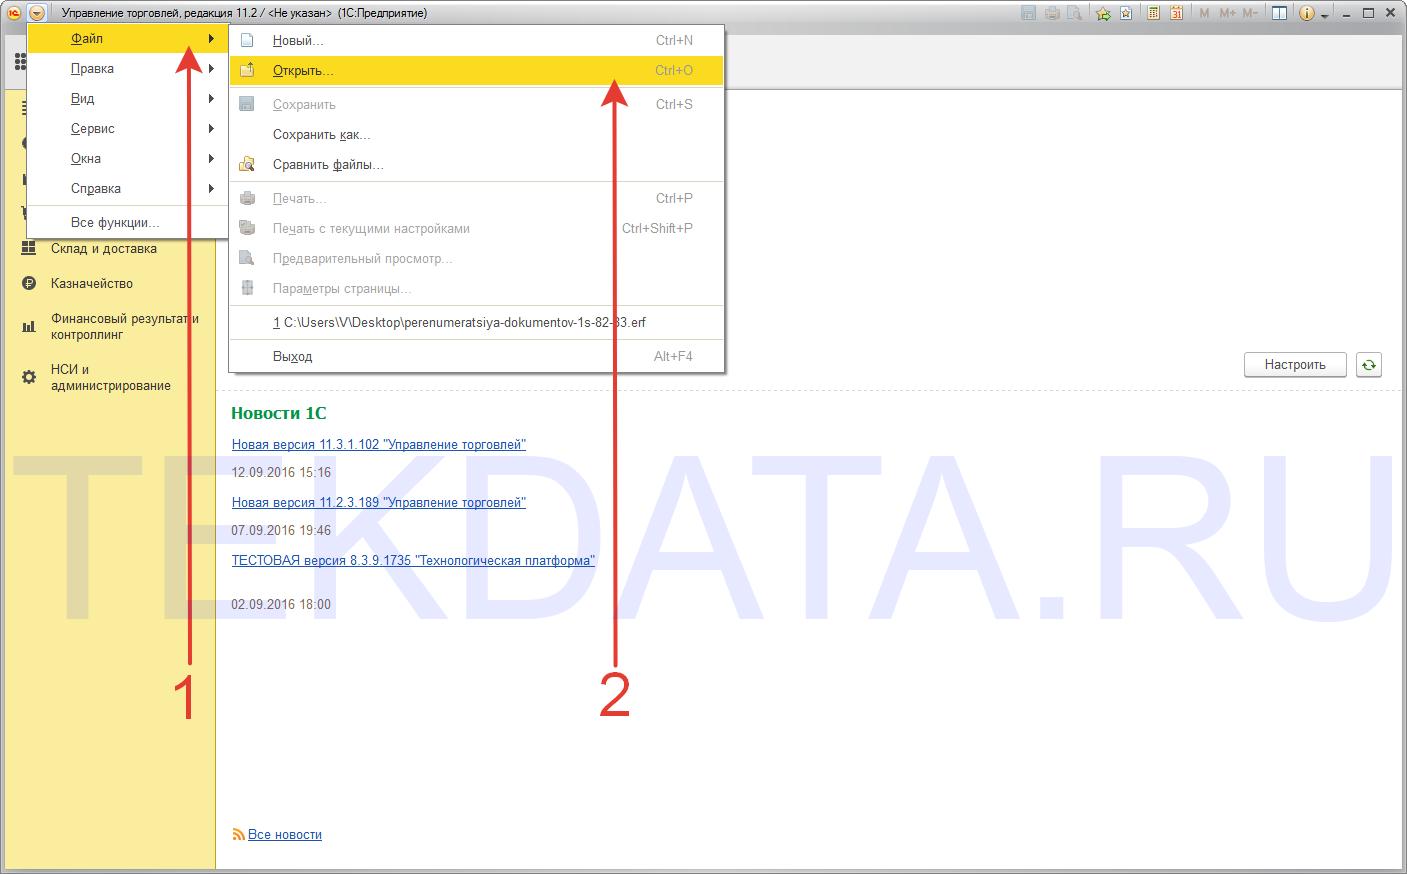 Как открыть внешнюю обработку в 1С 8.3 и 1С 8.2 | tekdata.ru